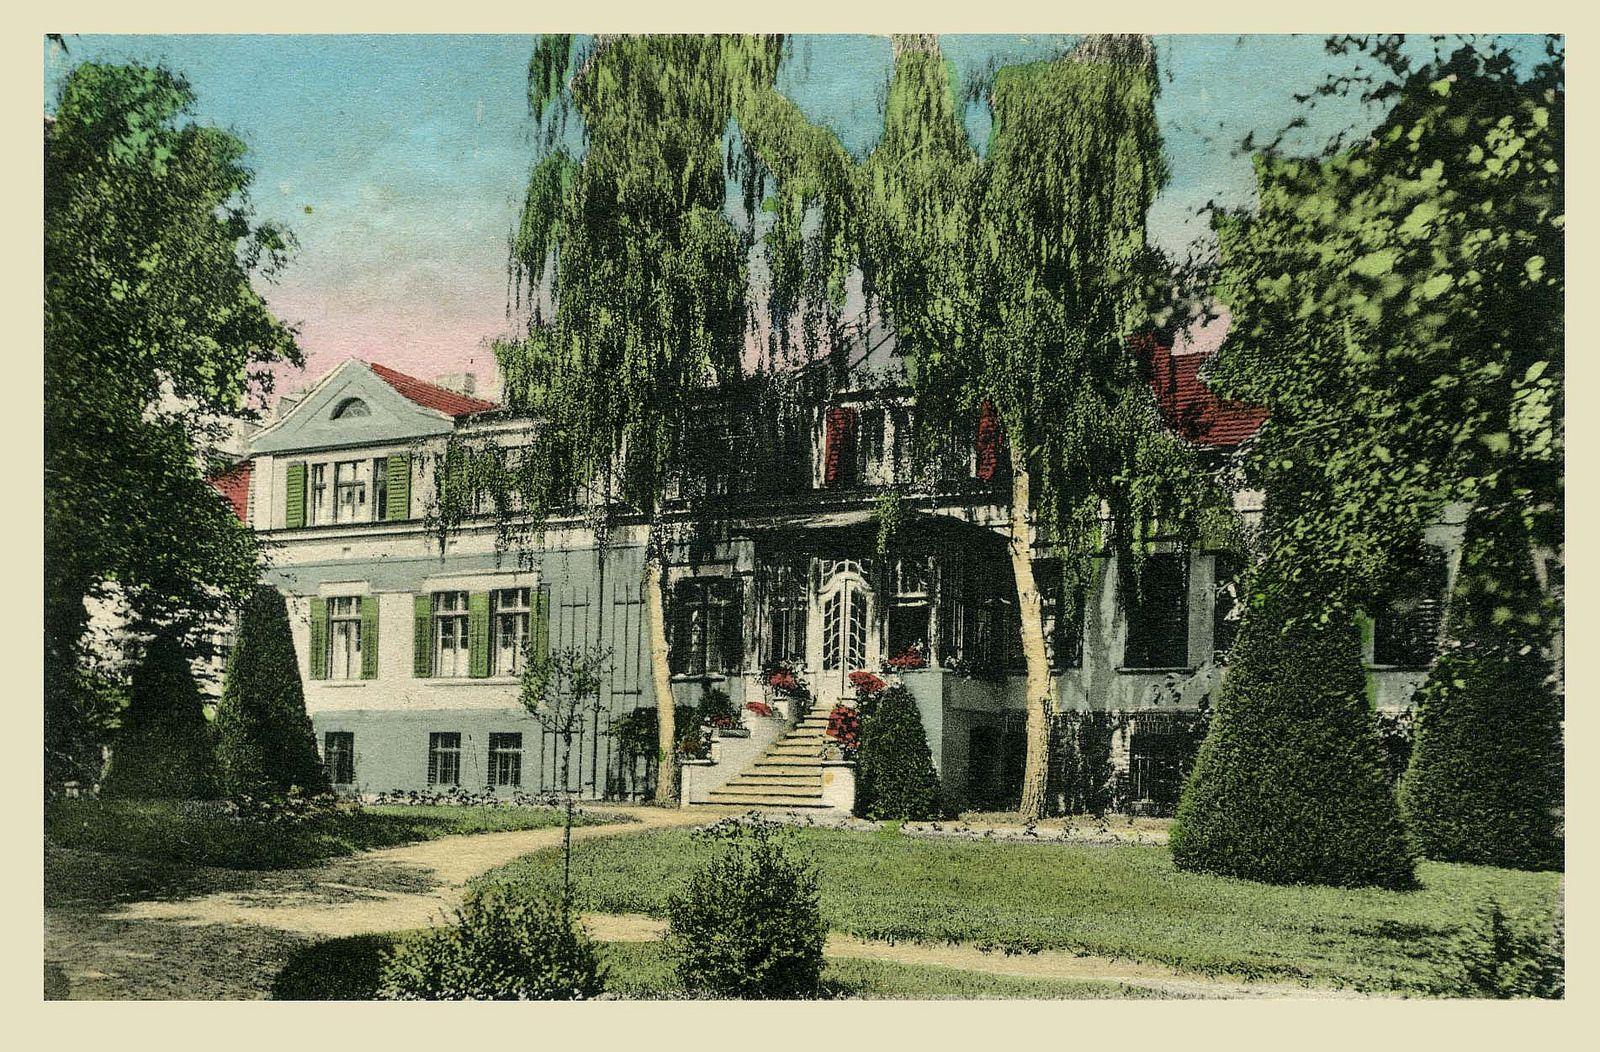 https://flic.kr/p/pic9UL   Gutshaus Landhof Gartenseite farbig 1927   Landhof Historisch